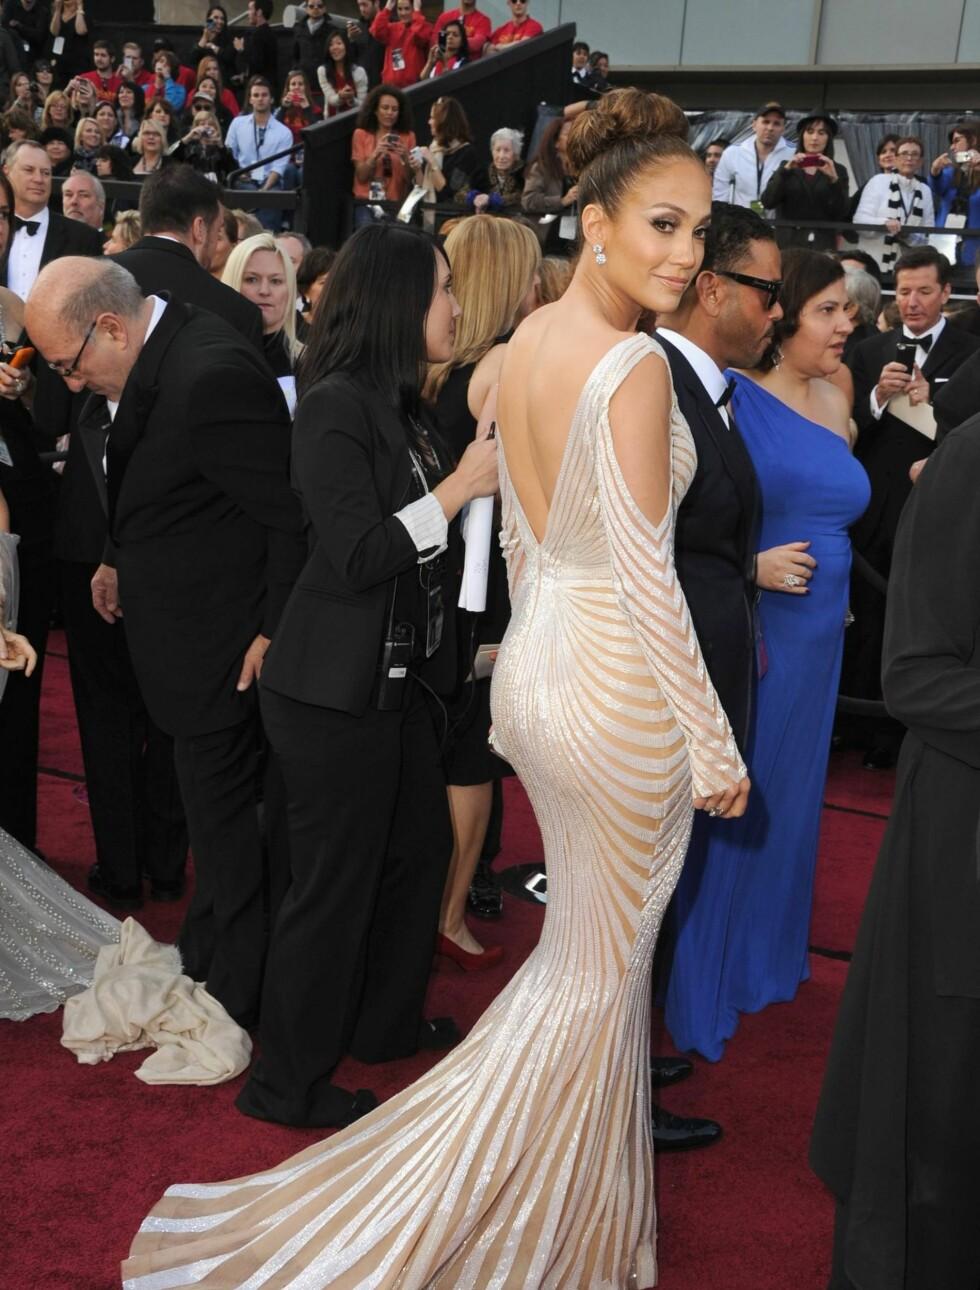 SLAKTES: Moteeksperter likte ikke den avslørende kjolen til Jennifer Lopez, som flere beskrev som vulgær. Kjolen er designet av Zuhair Murad. Foto: All Over Press